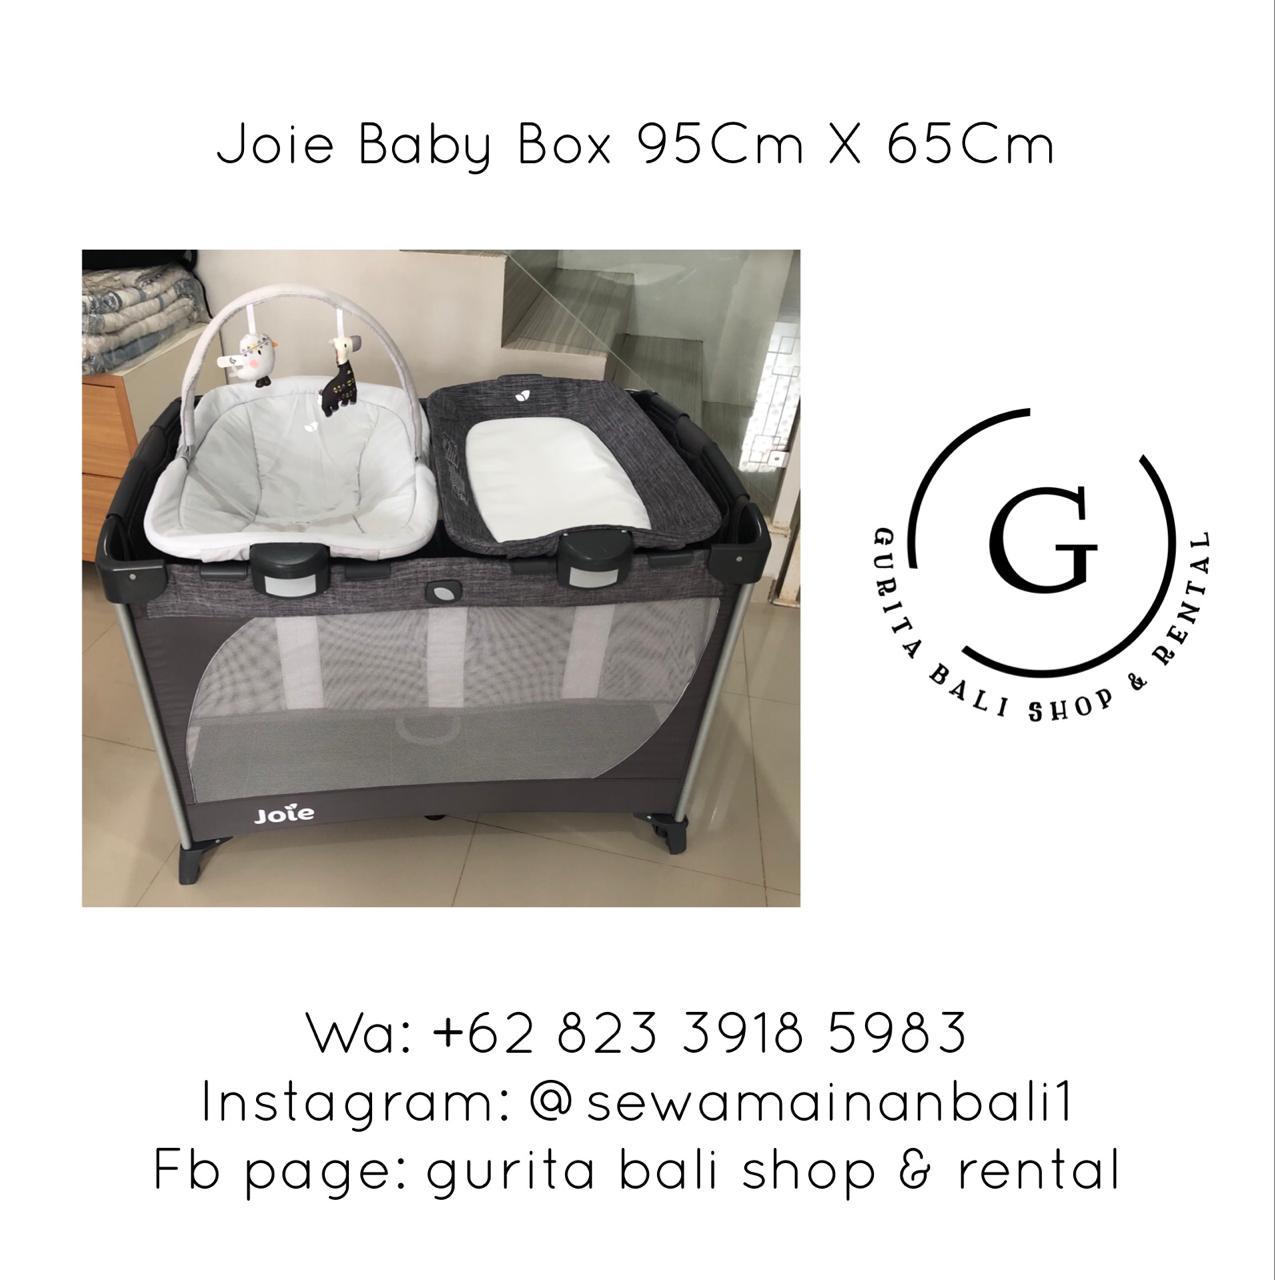 JOIE BABY BOX